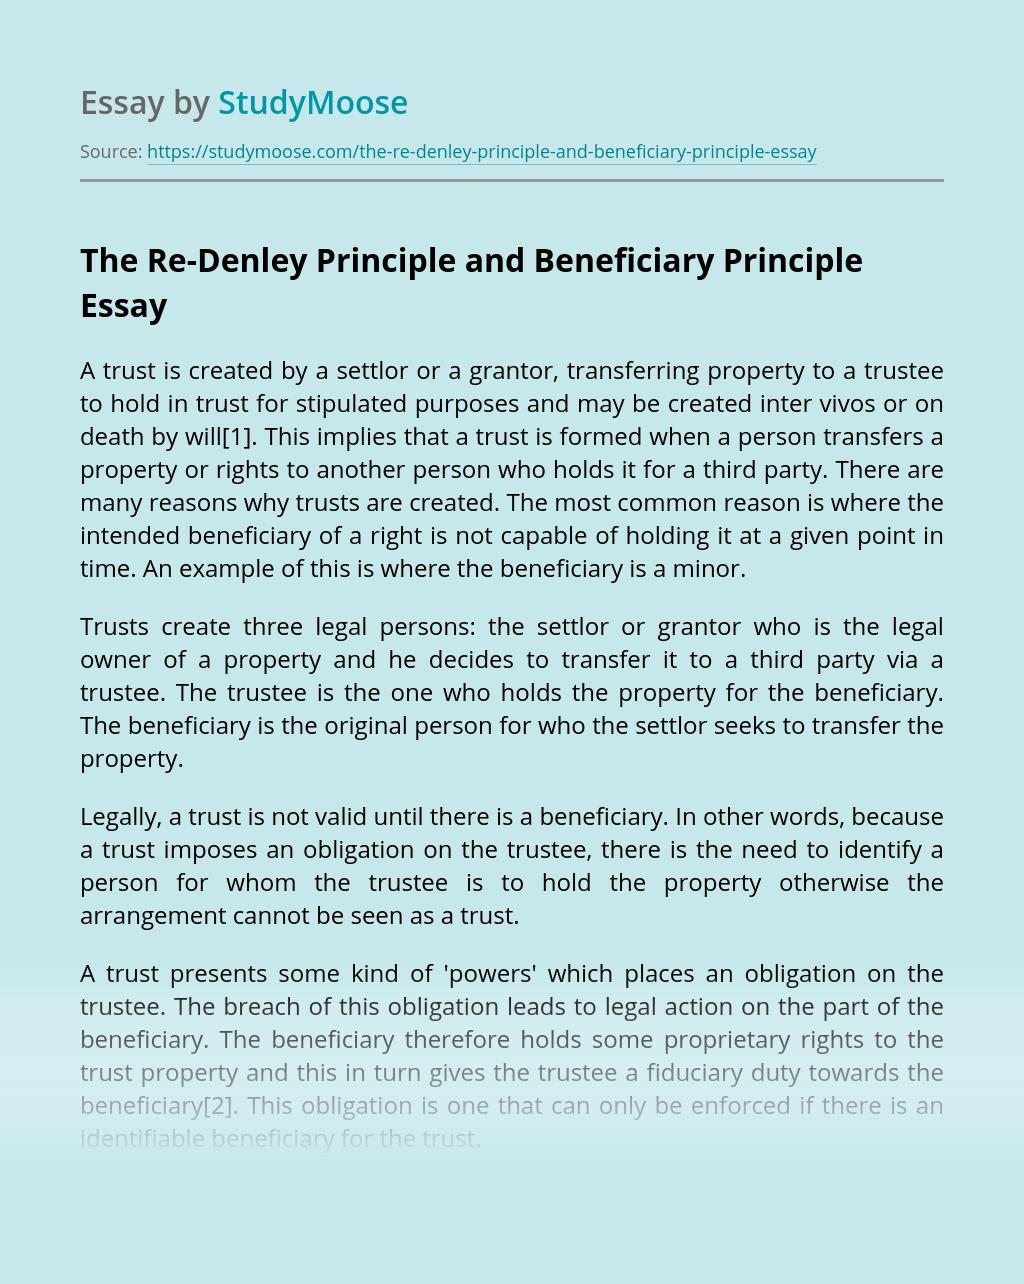 The Re-Denley Principle and Beneficiary Principle